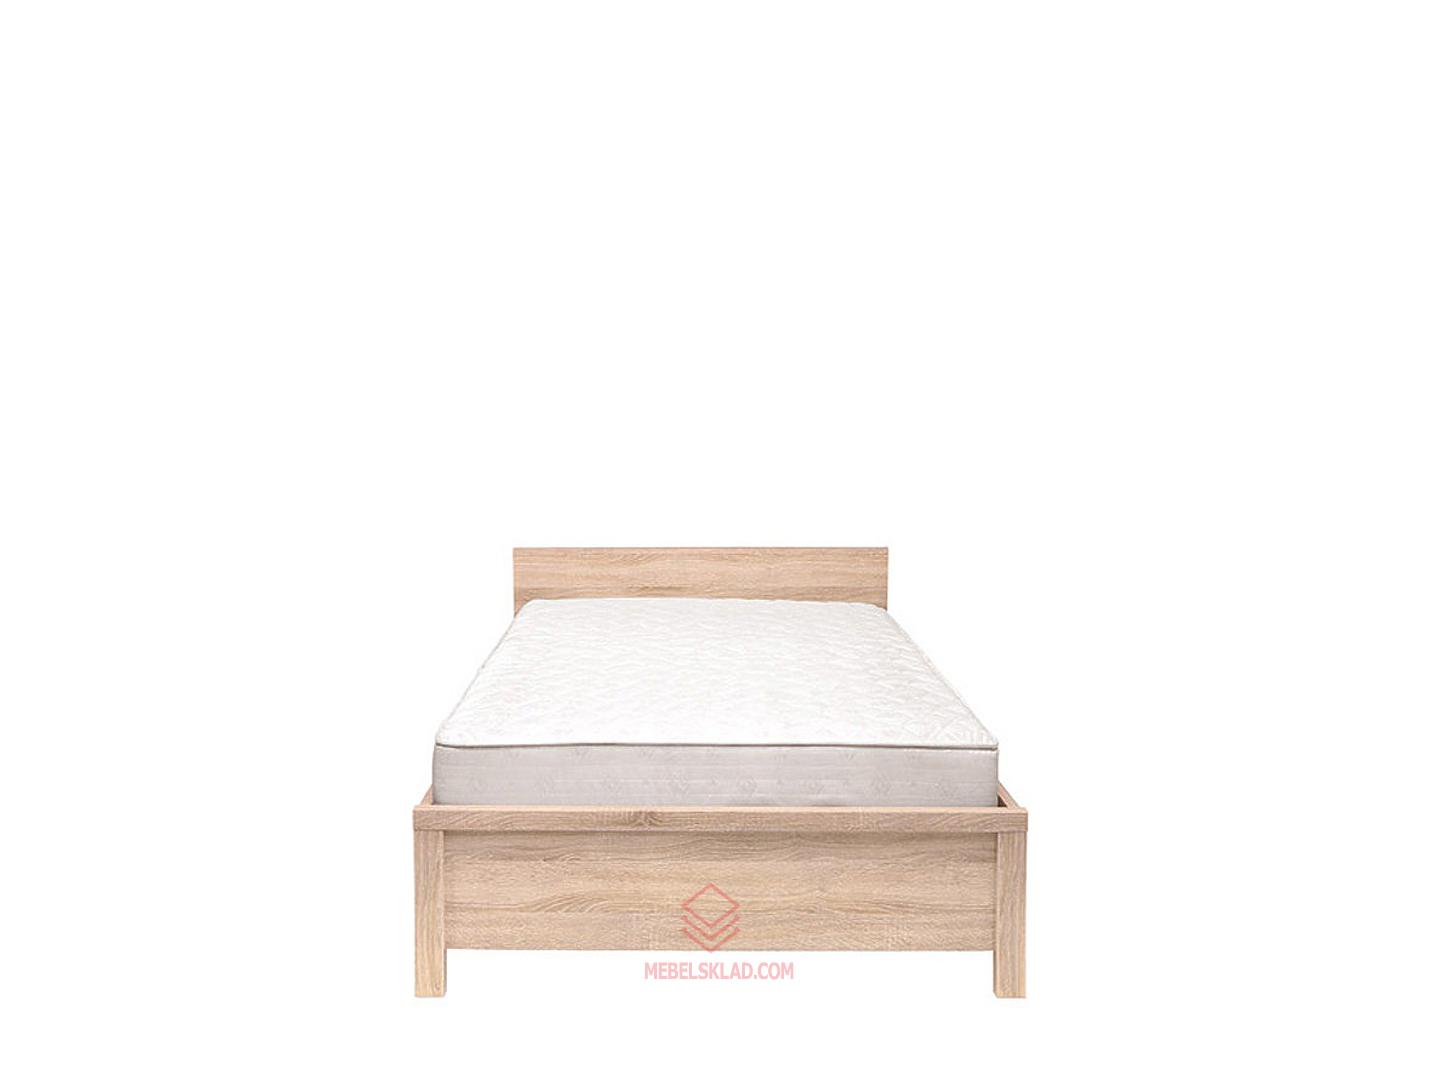 Кровать КАСПИАН LOZ90 дуб сонома - гибкое основание за 11994 ₽